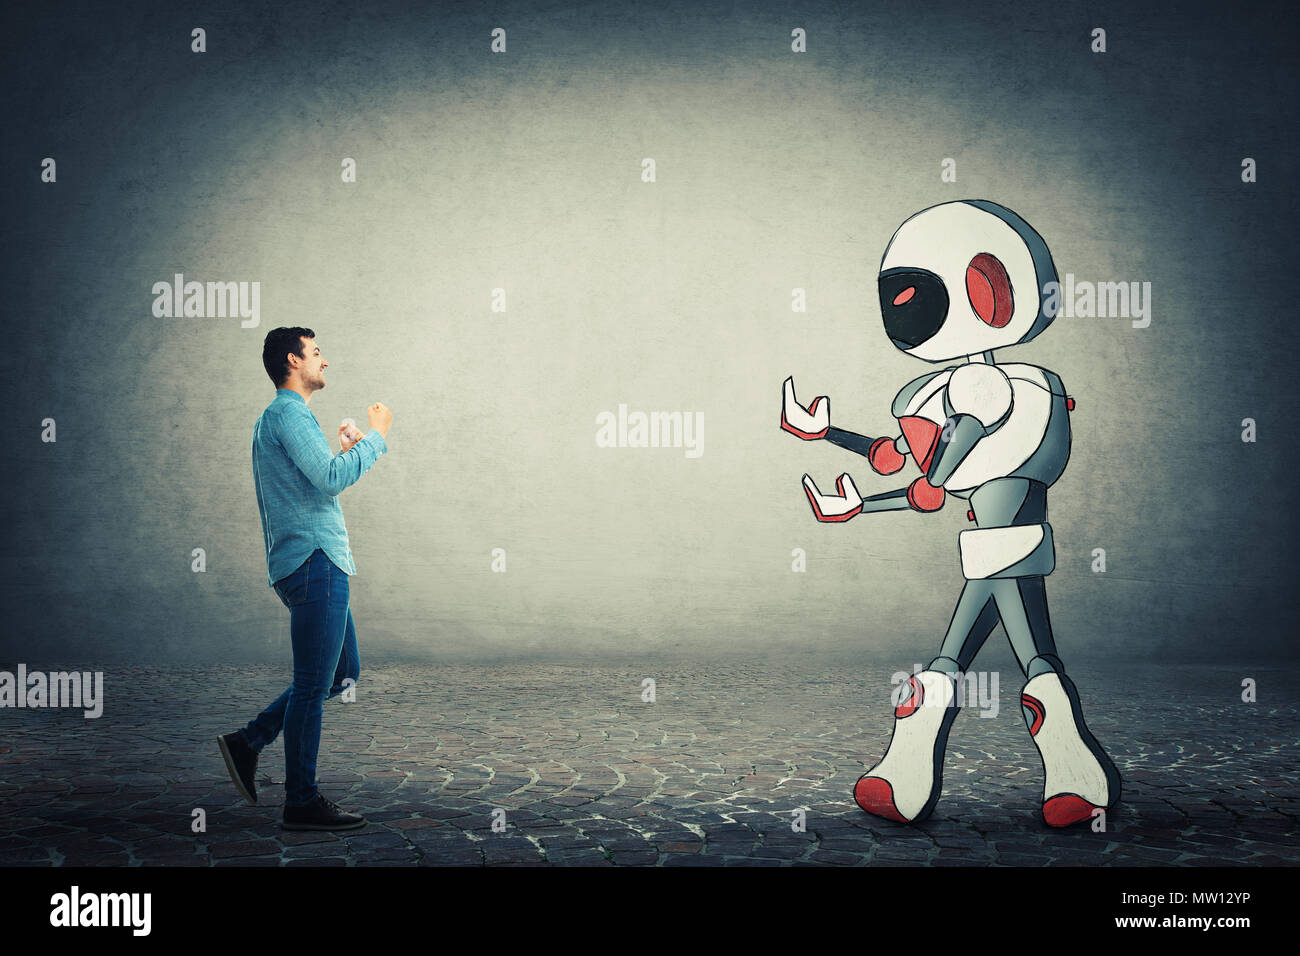 Giovane imprenditore tenendo i pugni pronti a combattere contro robot. La rivalità tra l uomo e la tecnologia. Pericolo di perdere il lavoro, la sostituzione del lavoro umano Immagini Stock